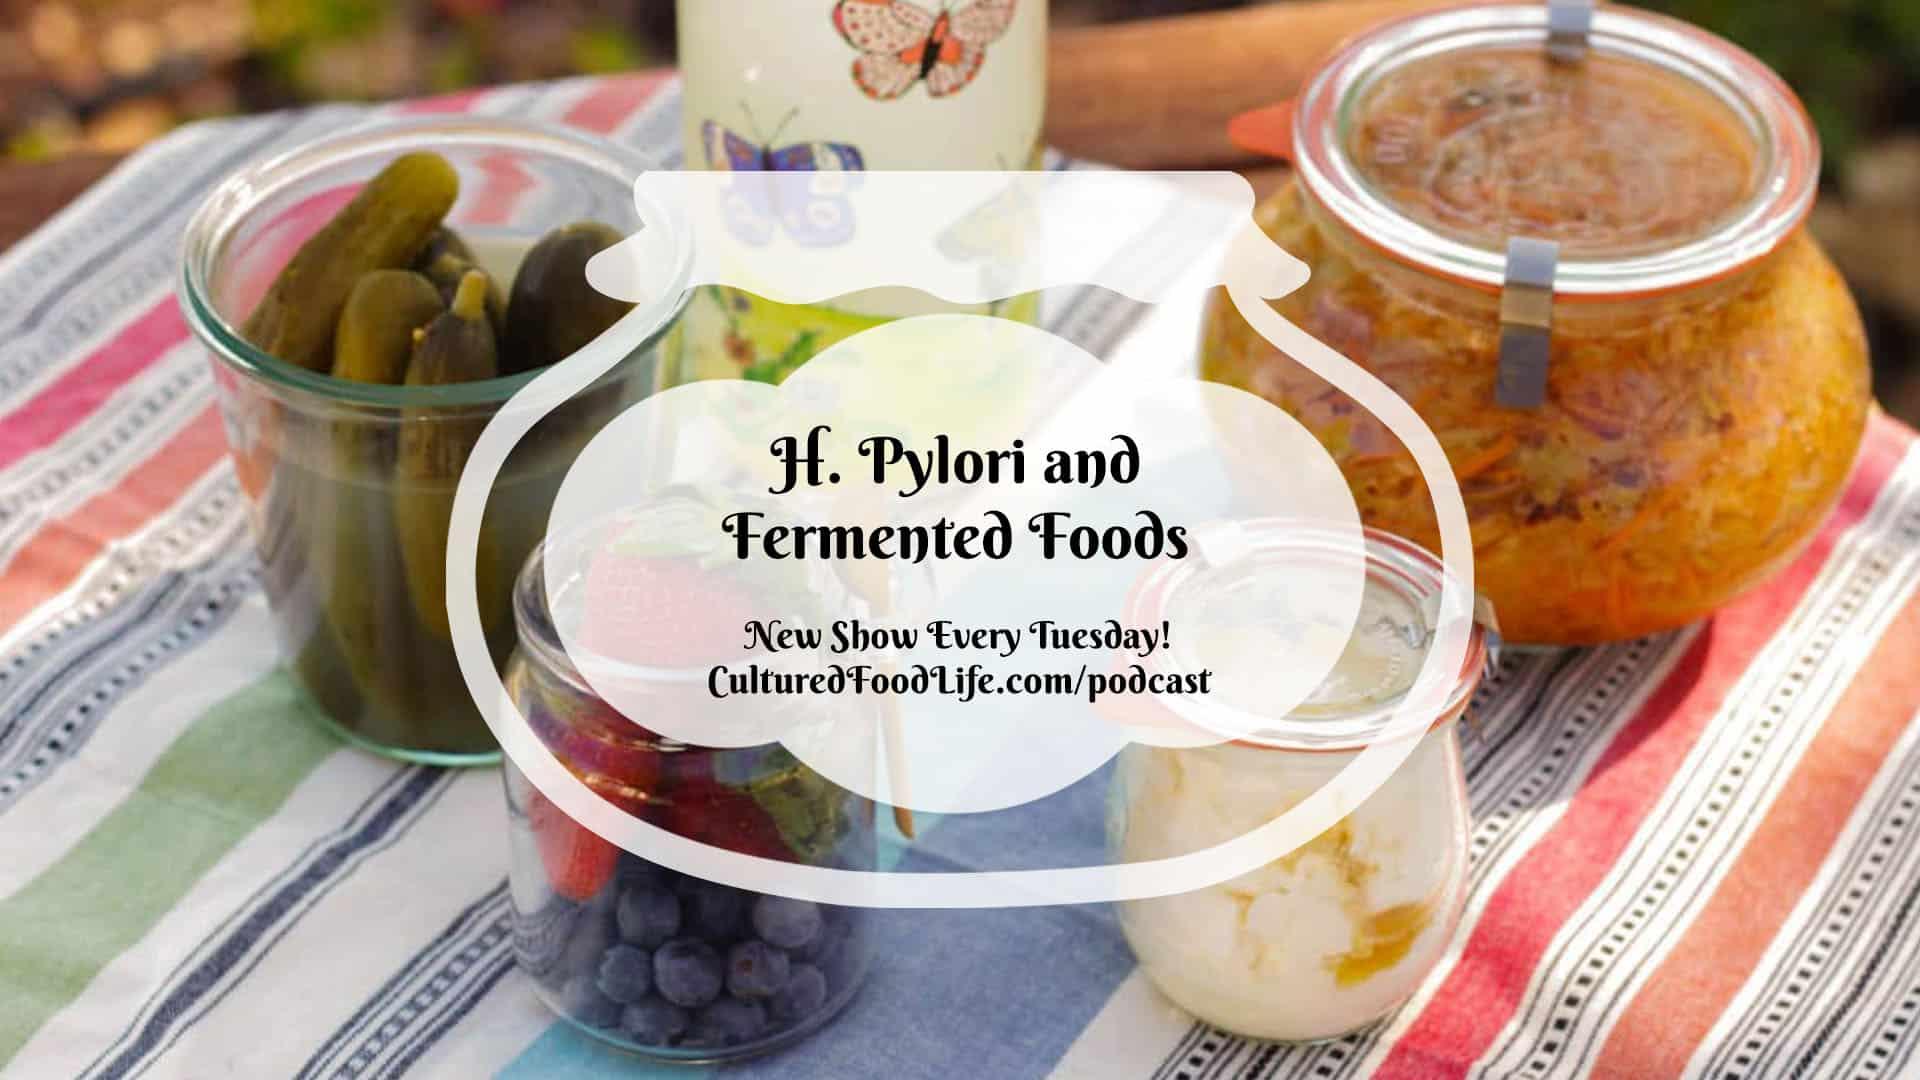 H. Pylori and Fermented Foods Full